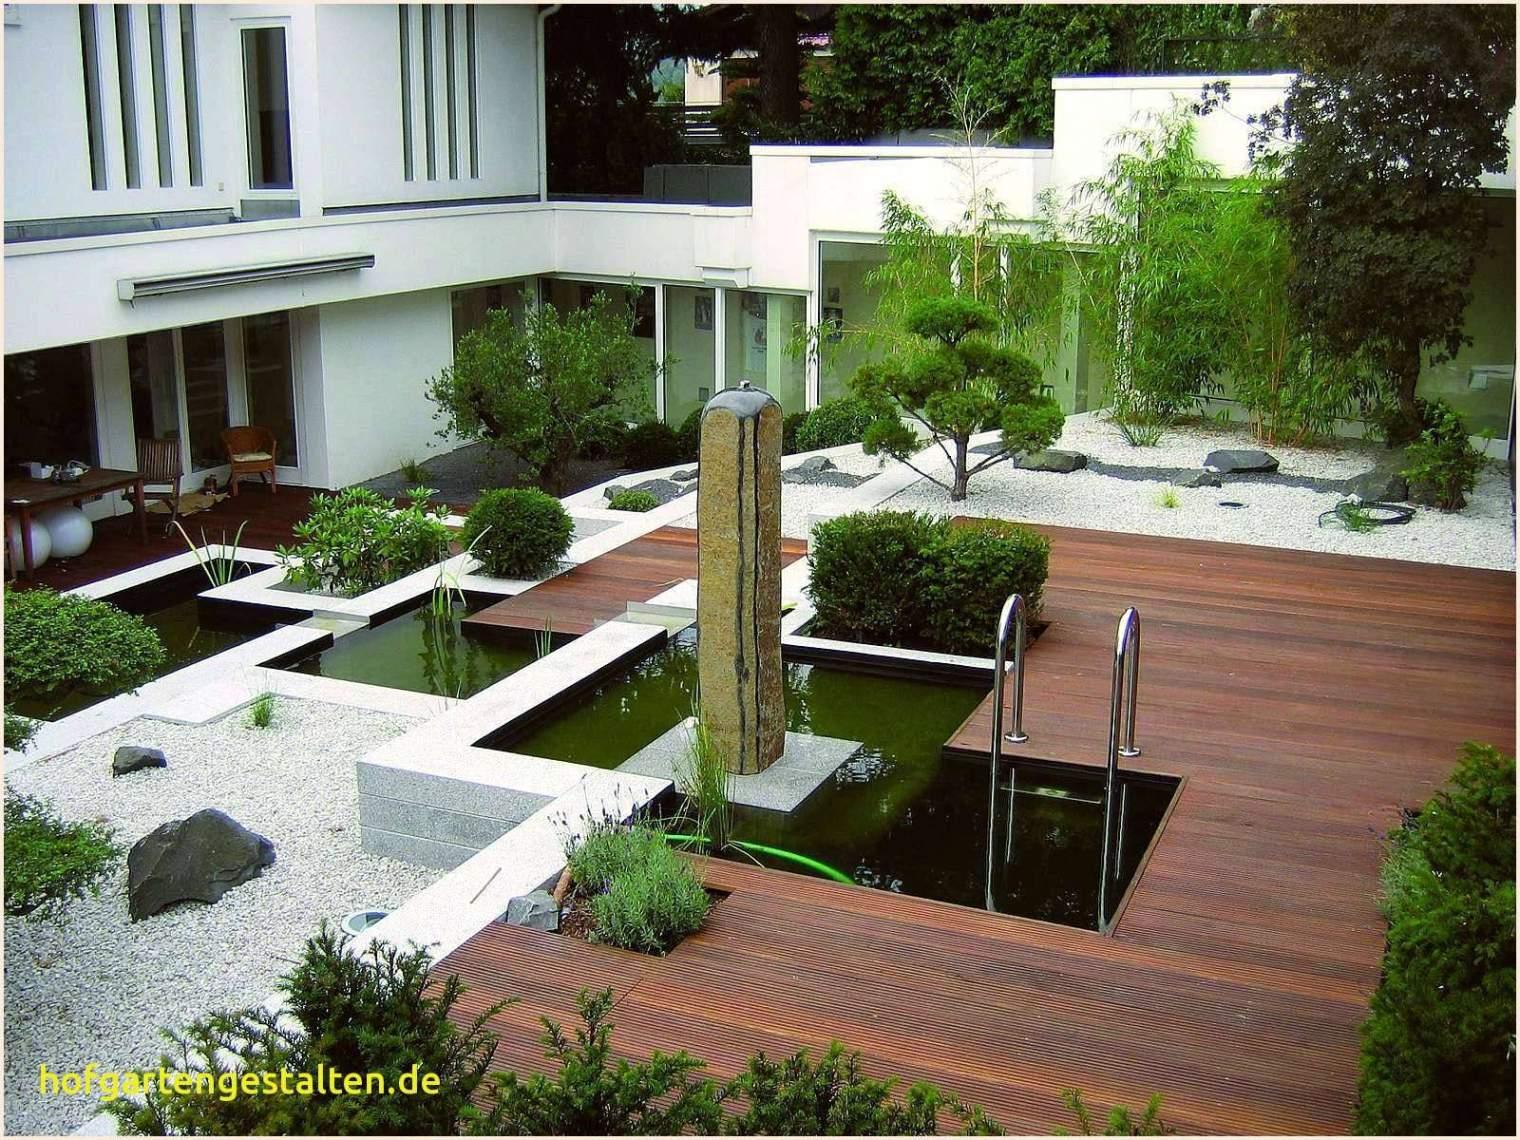 Exklusive Gärten Luxus Kleine Holzhäuser Bauen — Temobardz Home Blog